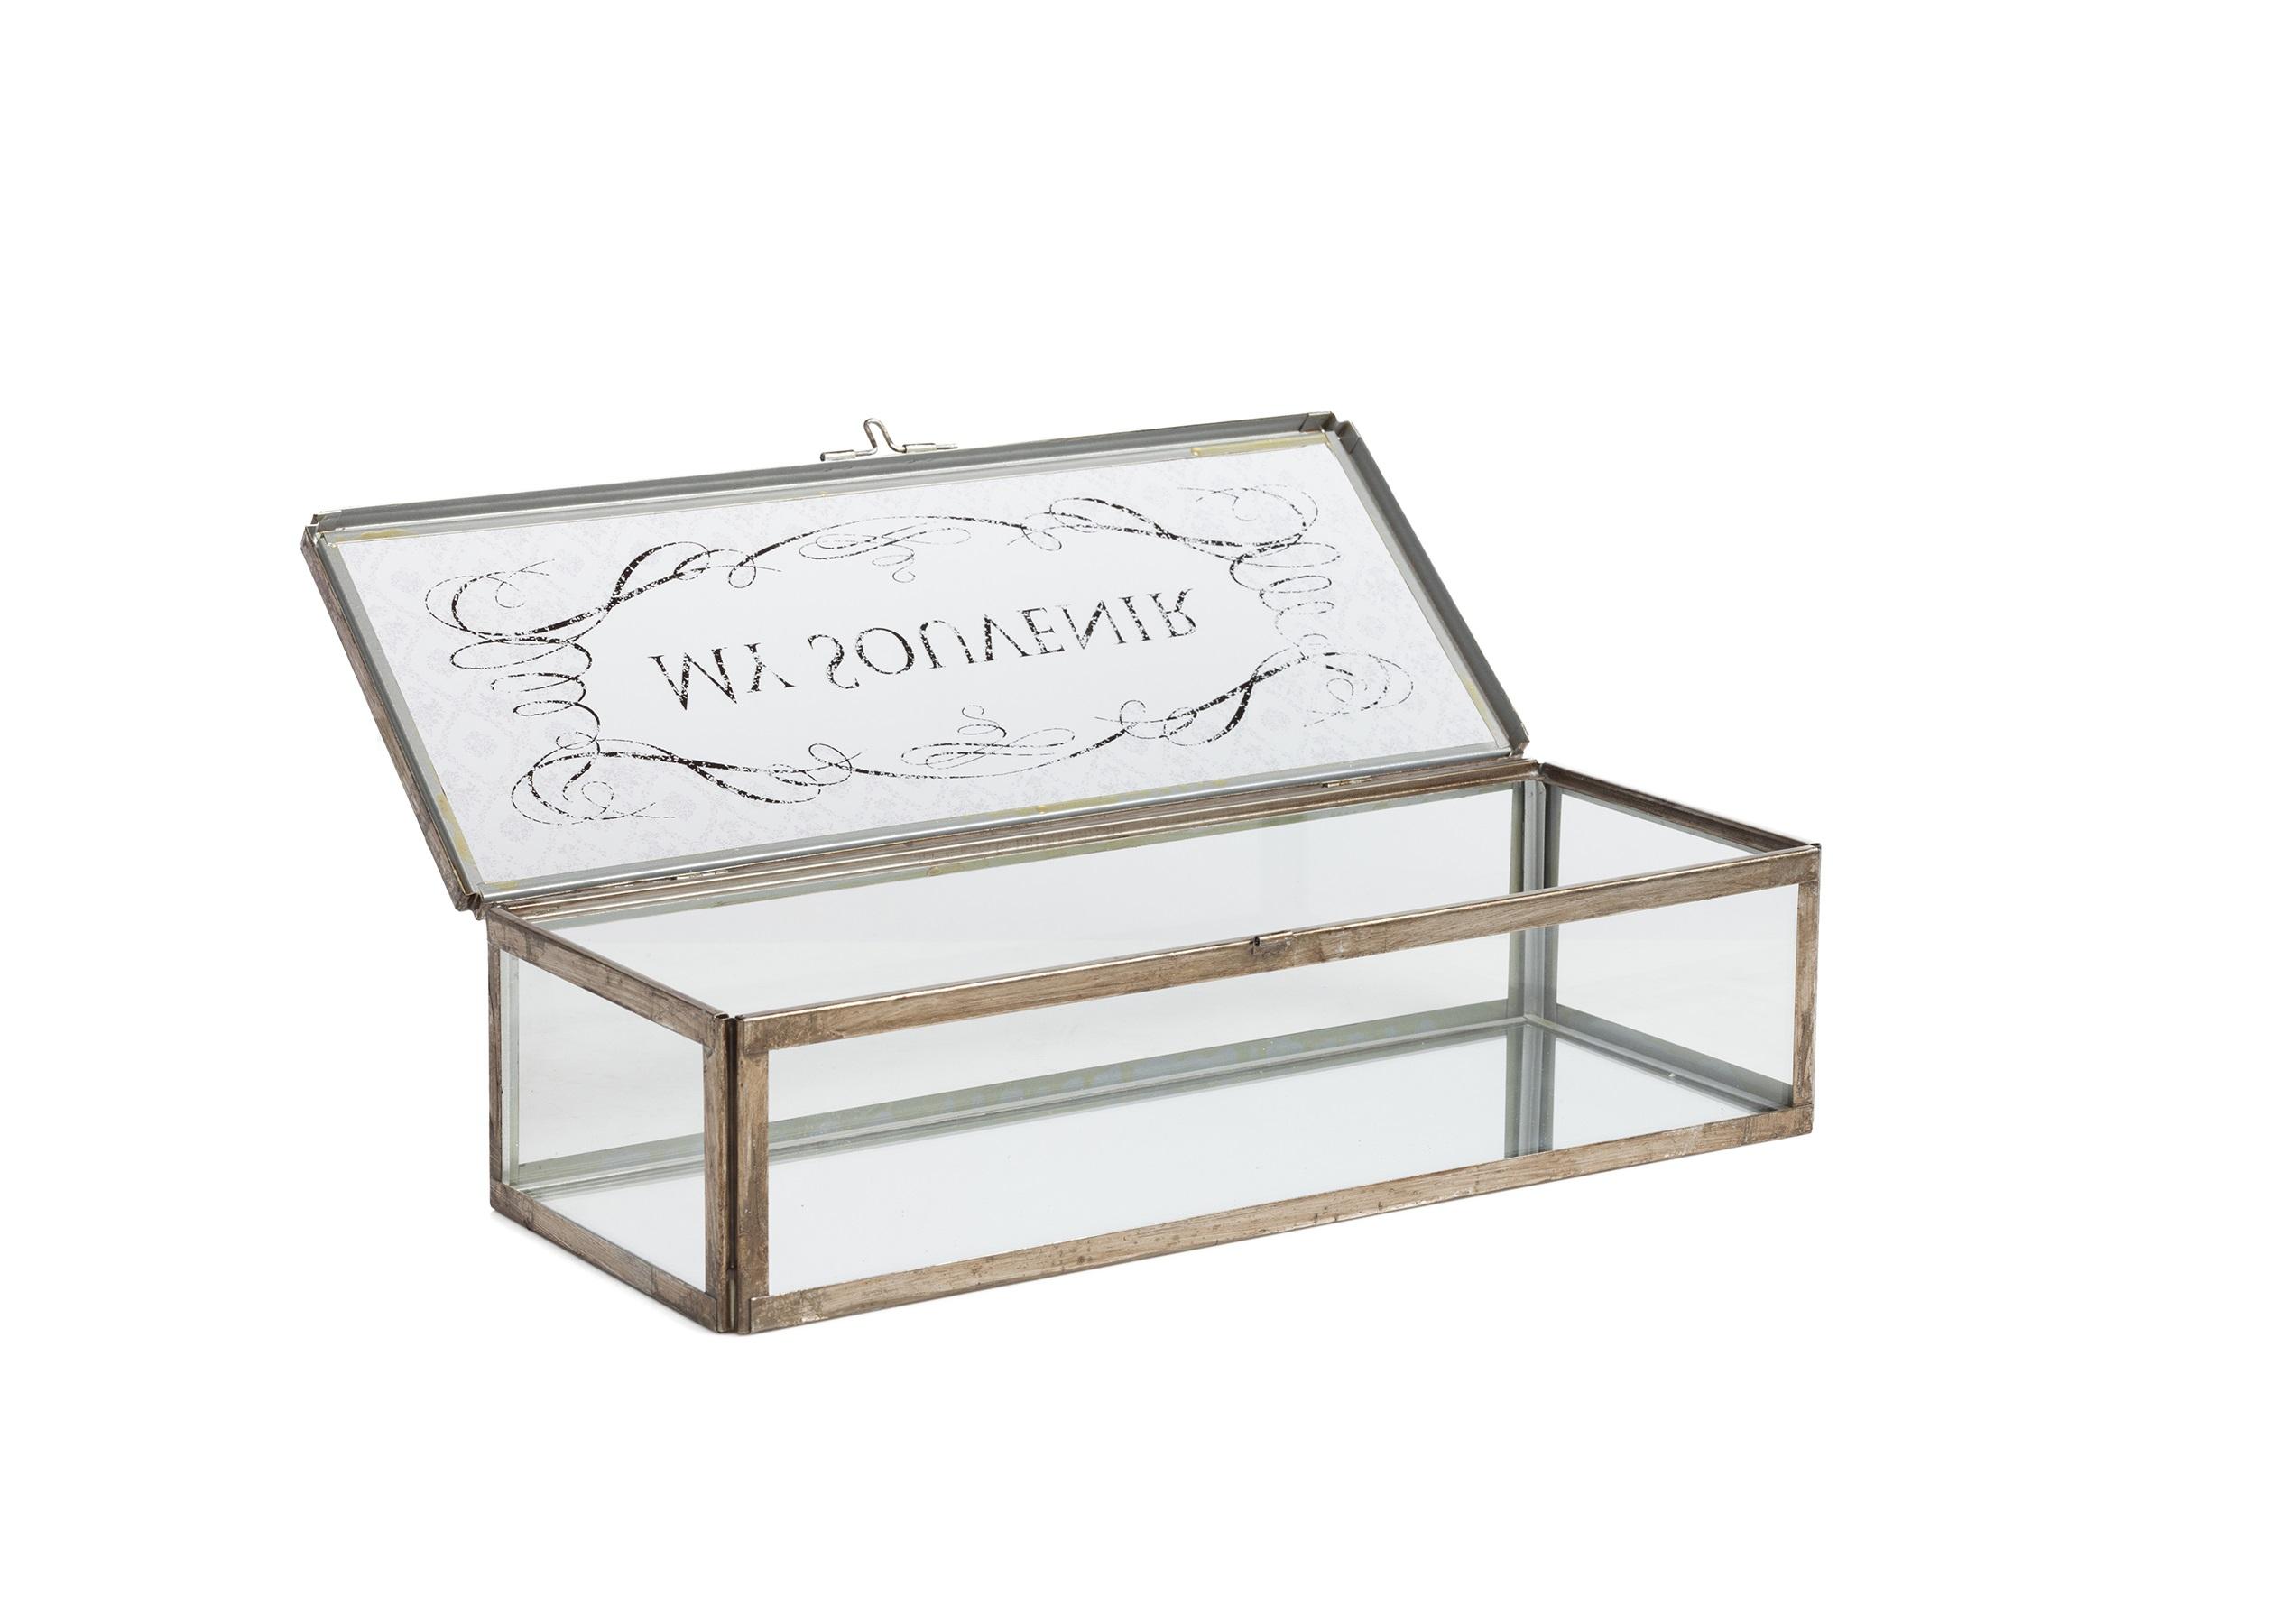 Коробка для ювелирных украшений AlanaШкатулки<br>&amp;lt;div&amp;gt;Материал: Стекло, Металл&amp;lt;/div&amp;gt;&amp;lt;div&amp;gt;&amp;lt;br&amp;gt;&amp;lt;/div&amp;gt;<br><br>Material: Металл<br>Ширина см: 15<br>Высота см: 11<br>Глубина см: 40